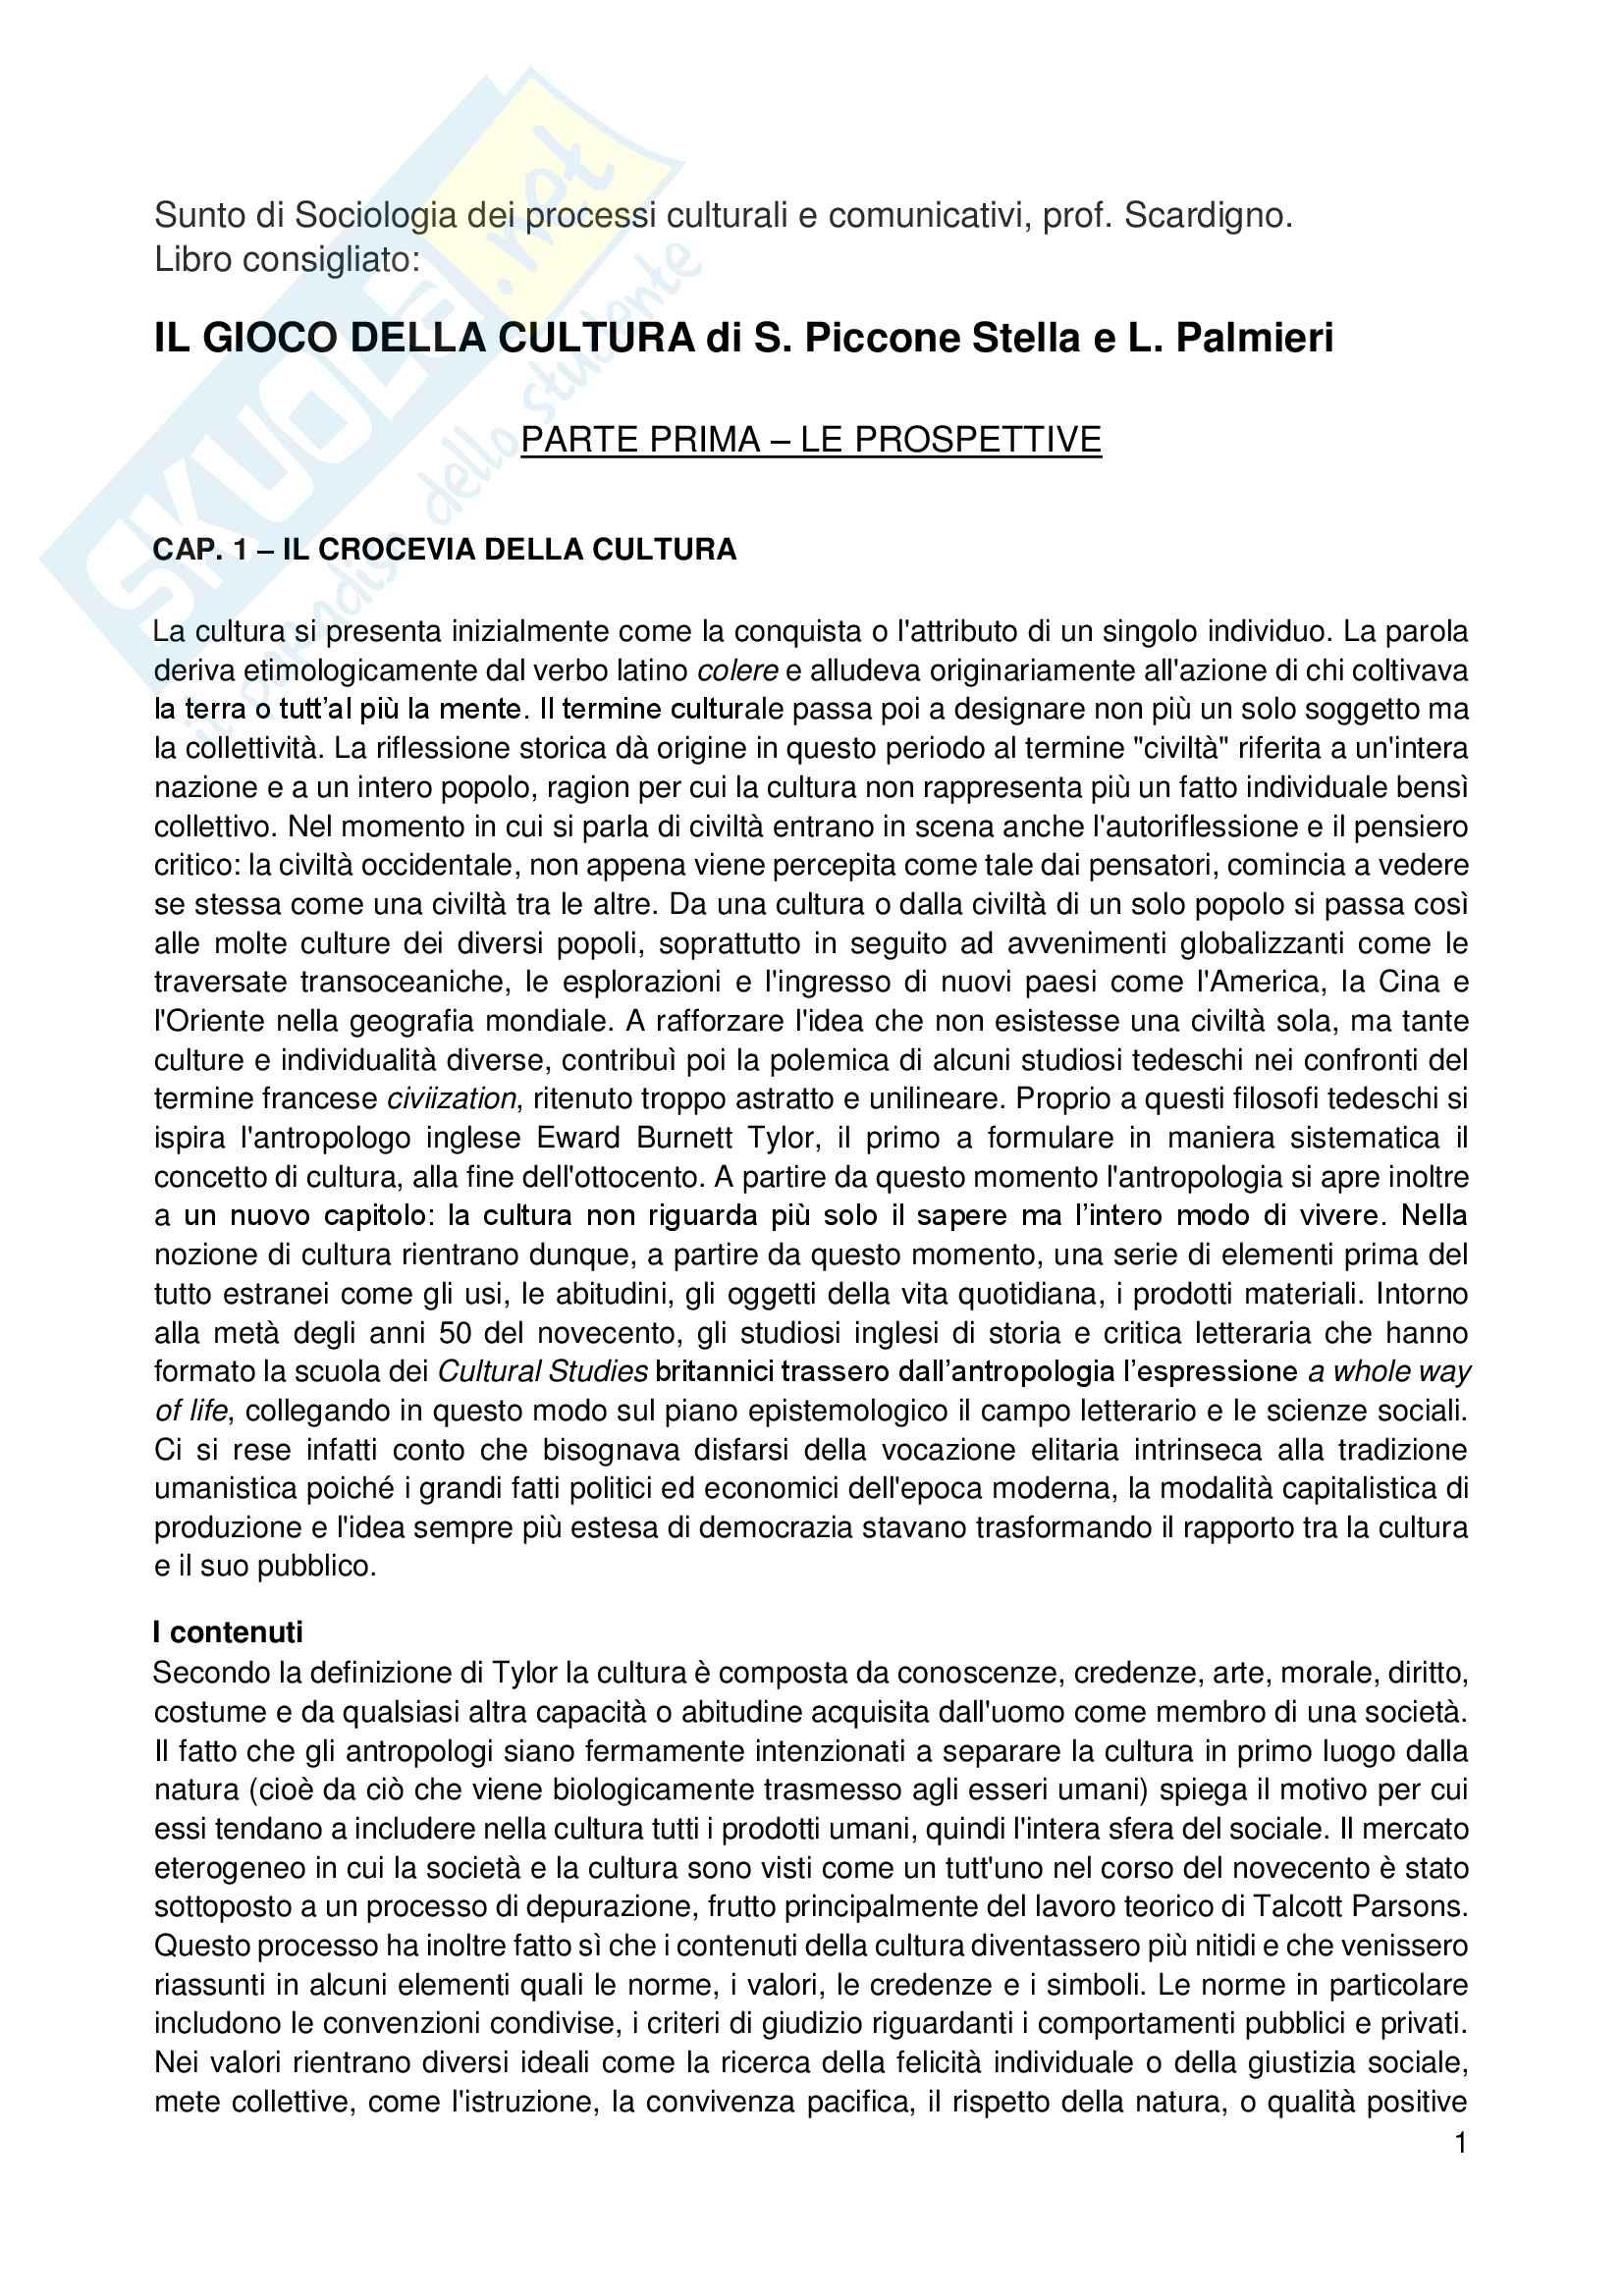 Riassunto esame Sociologia, prof. Scardigno, libro consigliato Il gioco della cultura: Attori, Processi, Prospettive di Piccone Stella, Salmieri